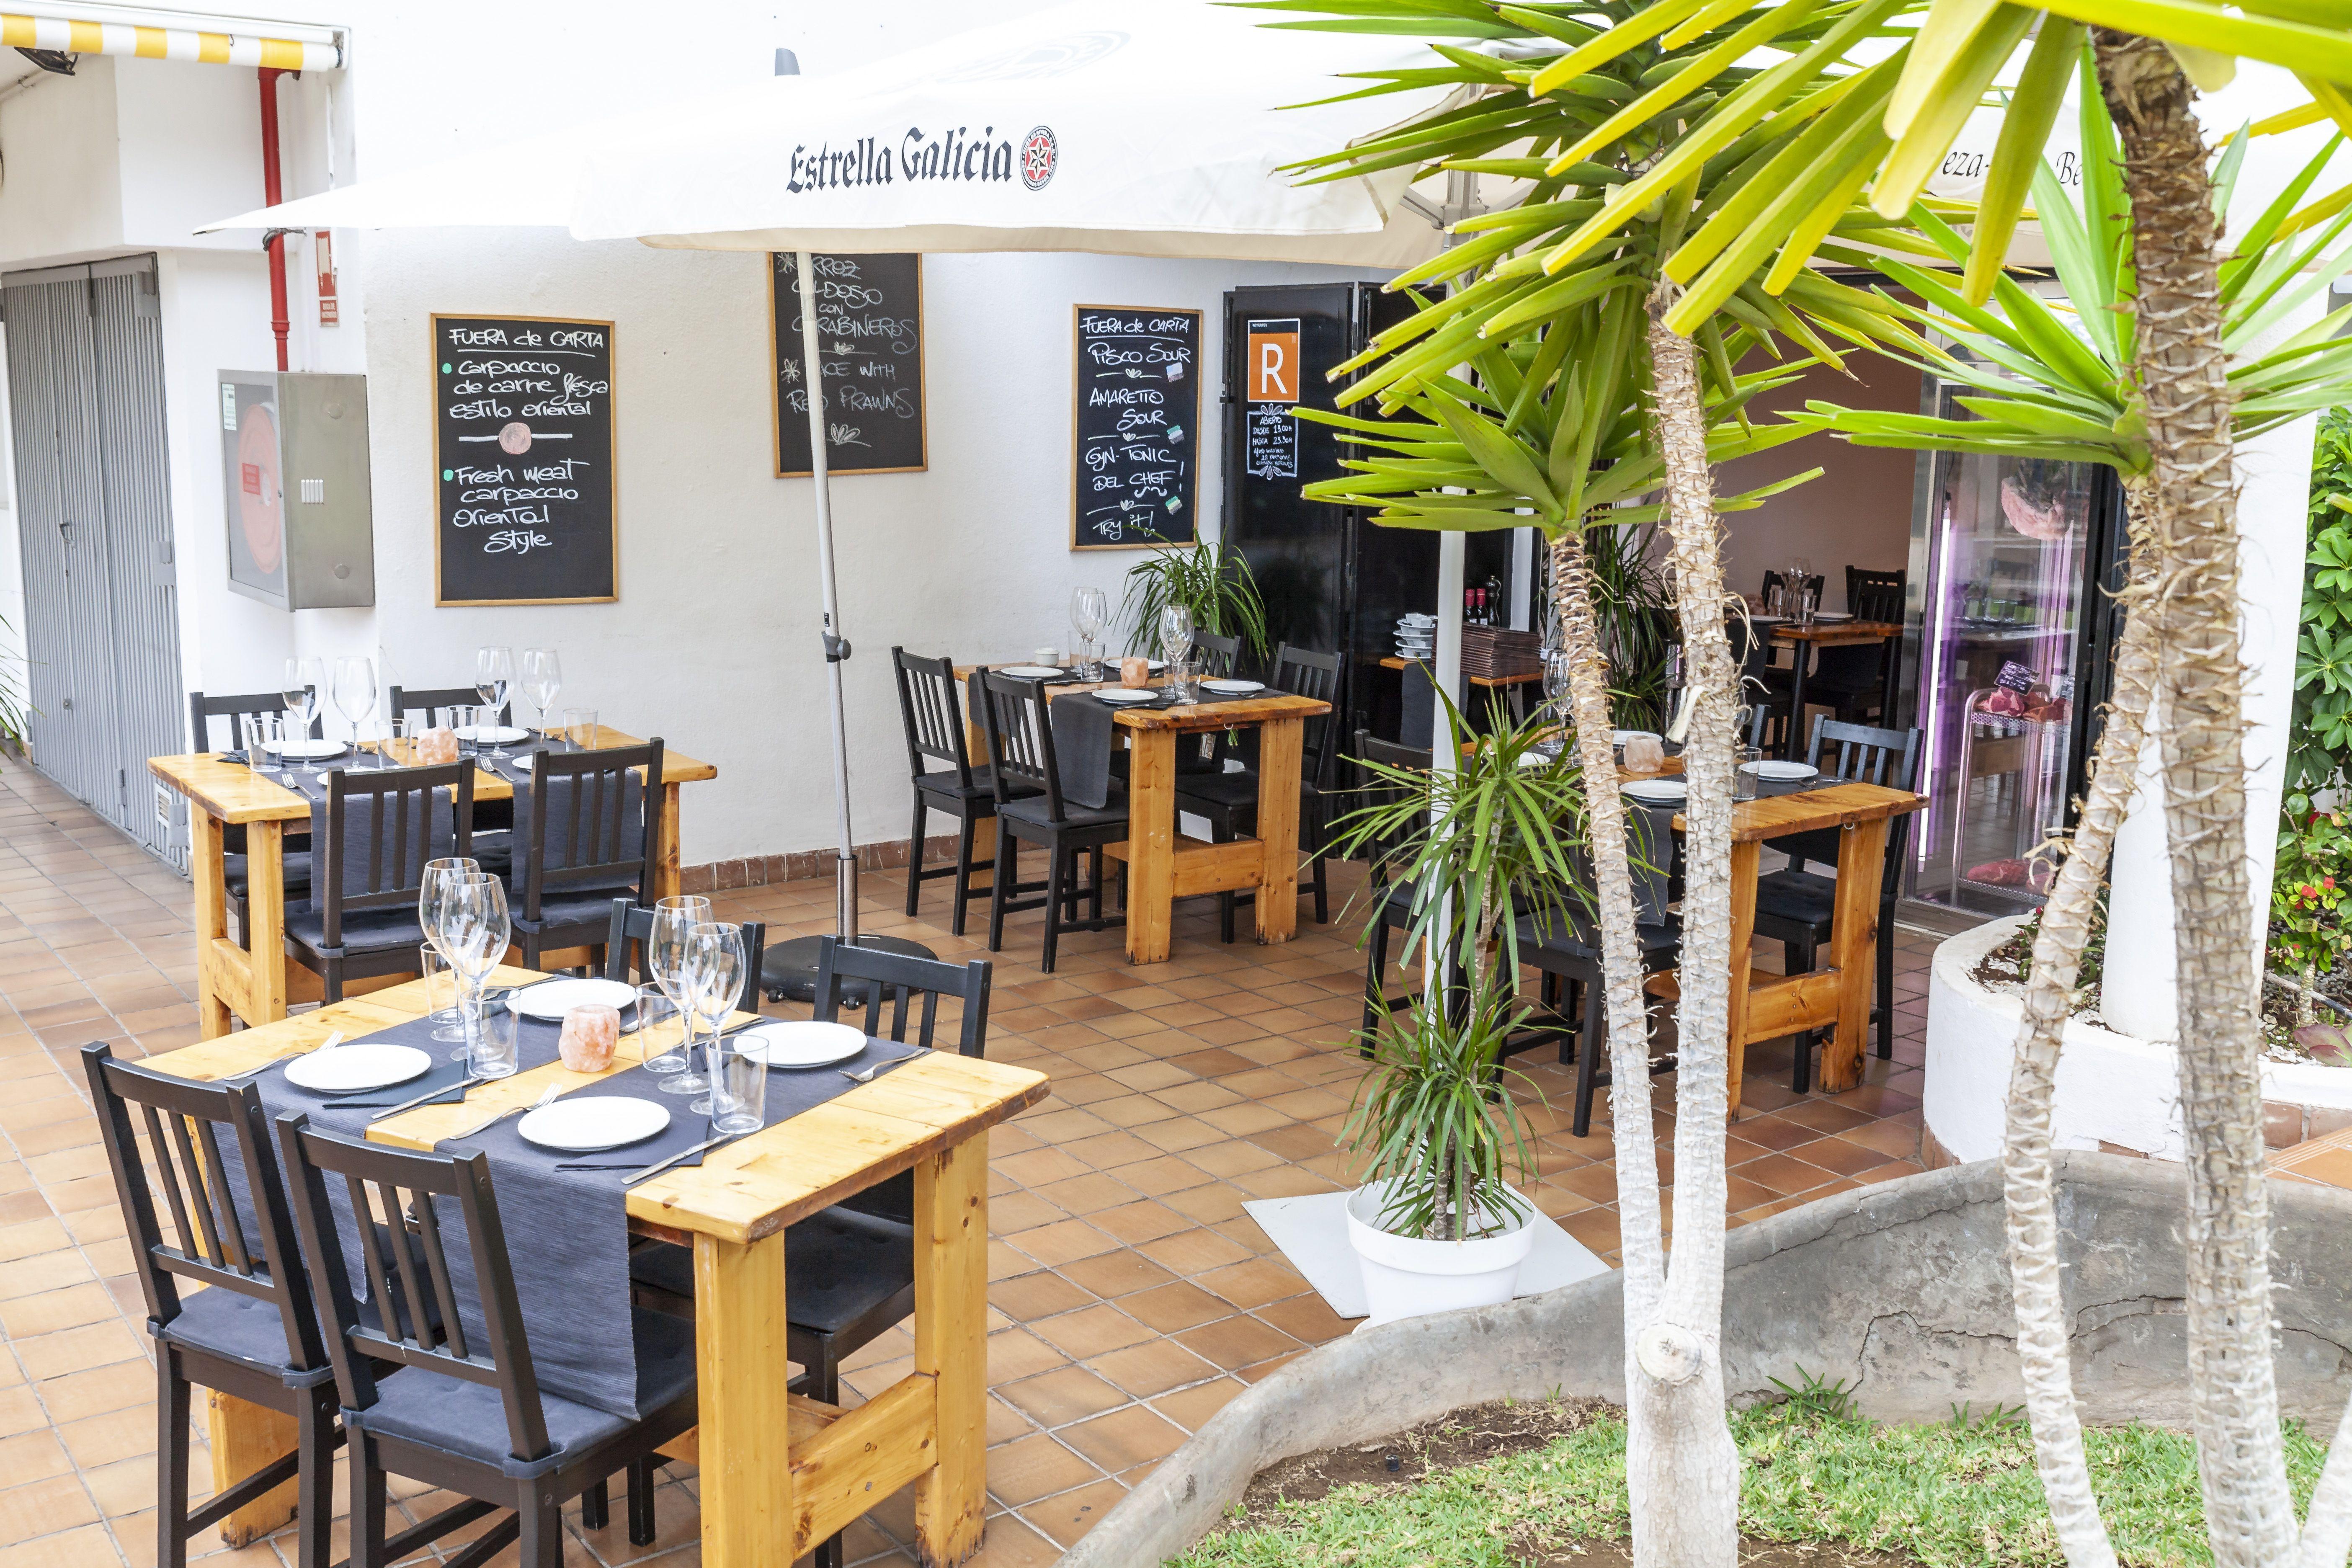 Cocina del autor en Santa Cruz de Tenerife